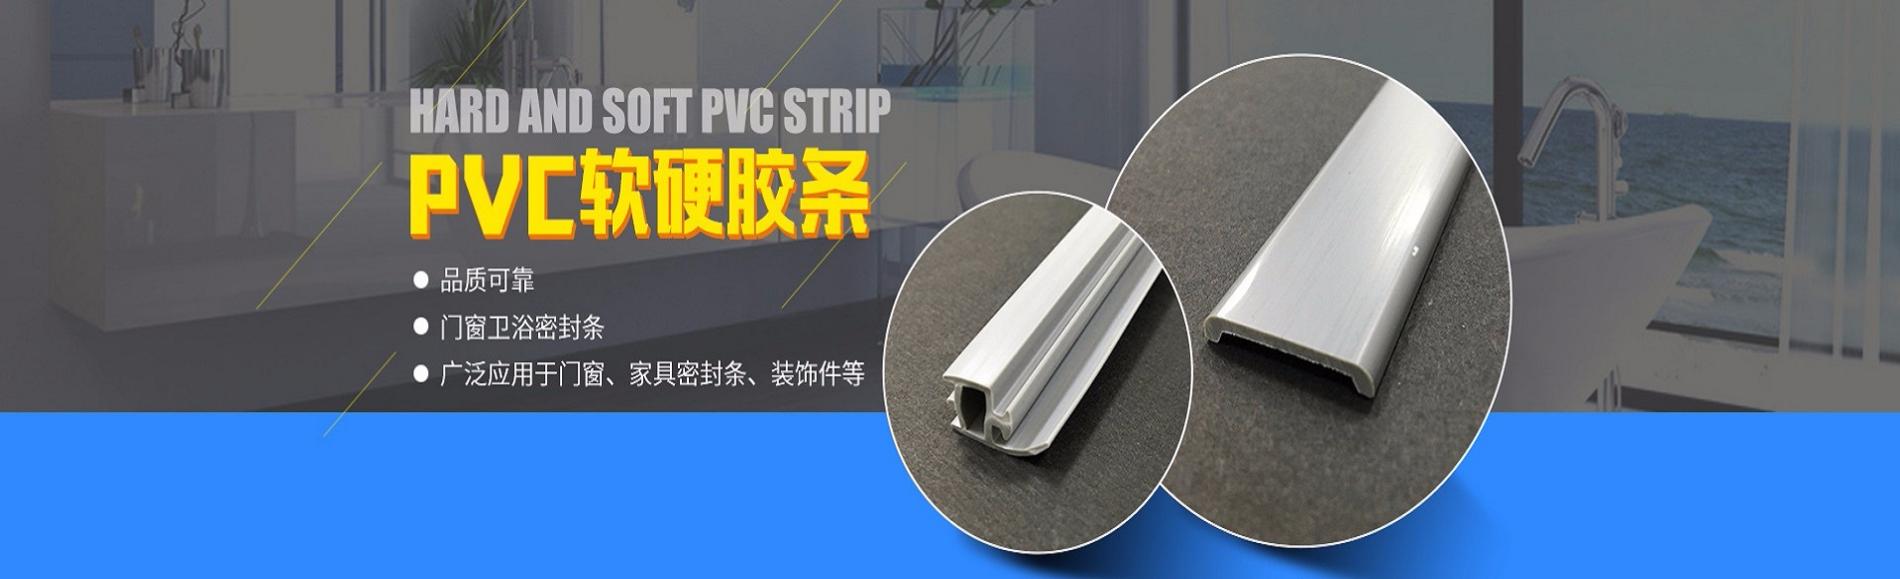 赛硕五金EPDM塑料制品